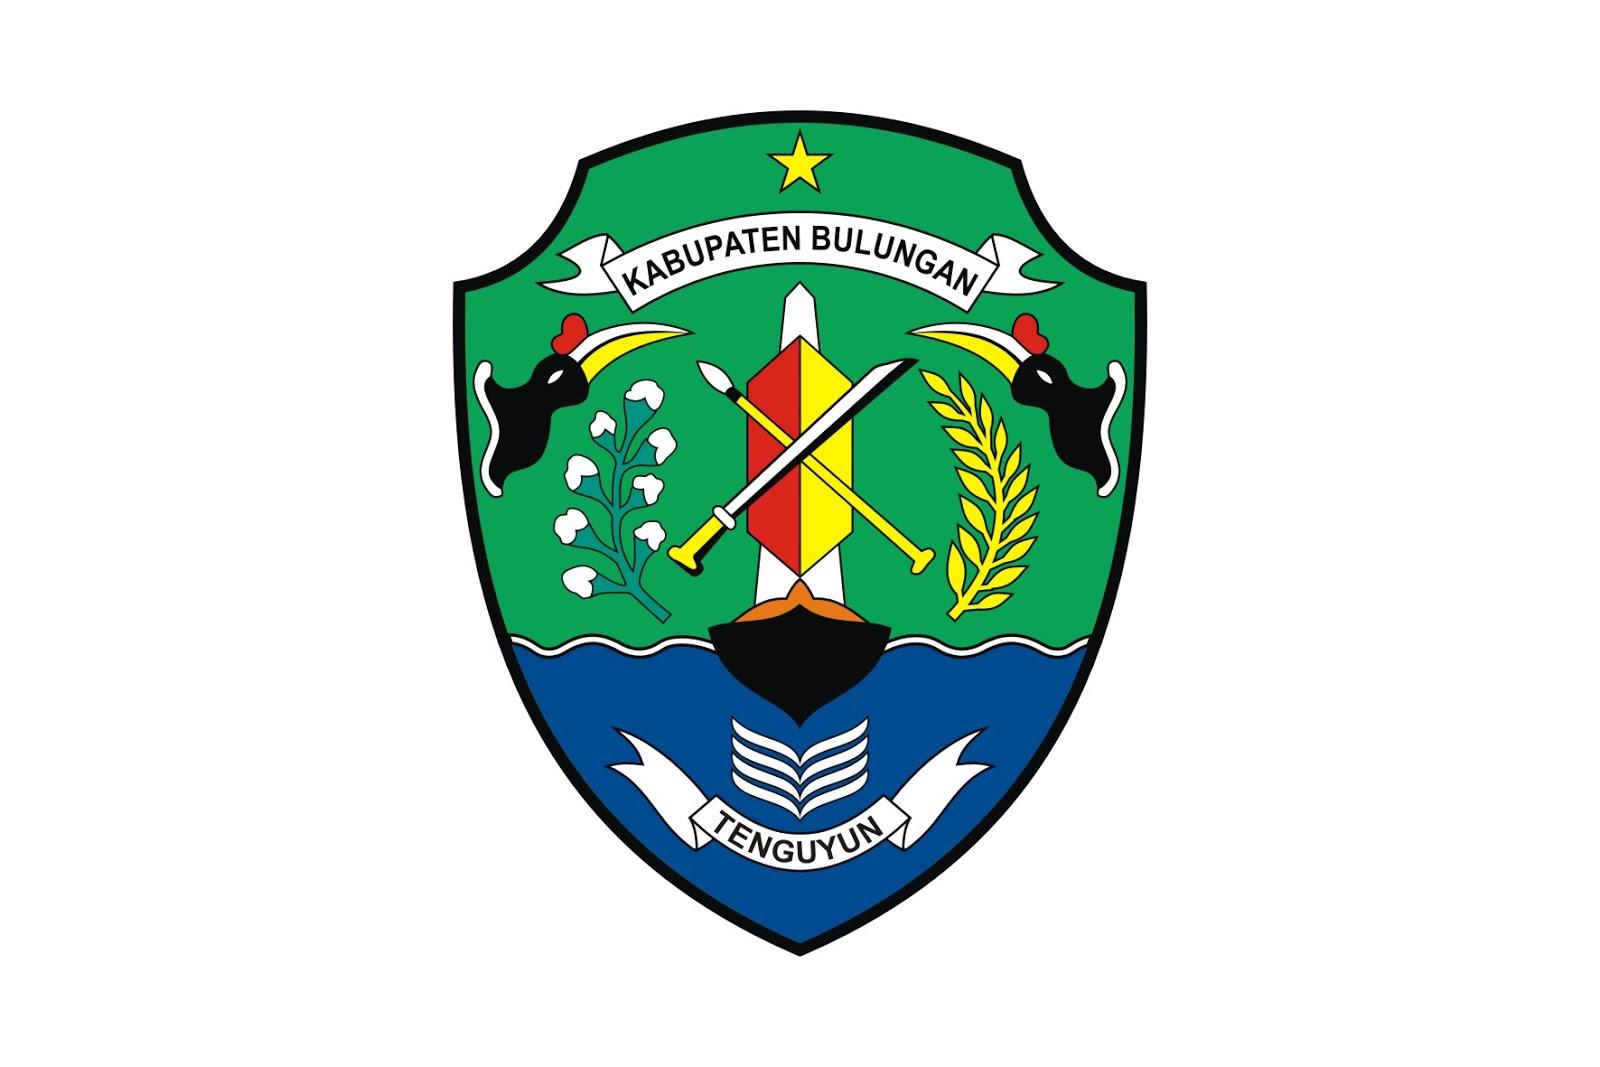 Kabupaten Bulungan Logo